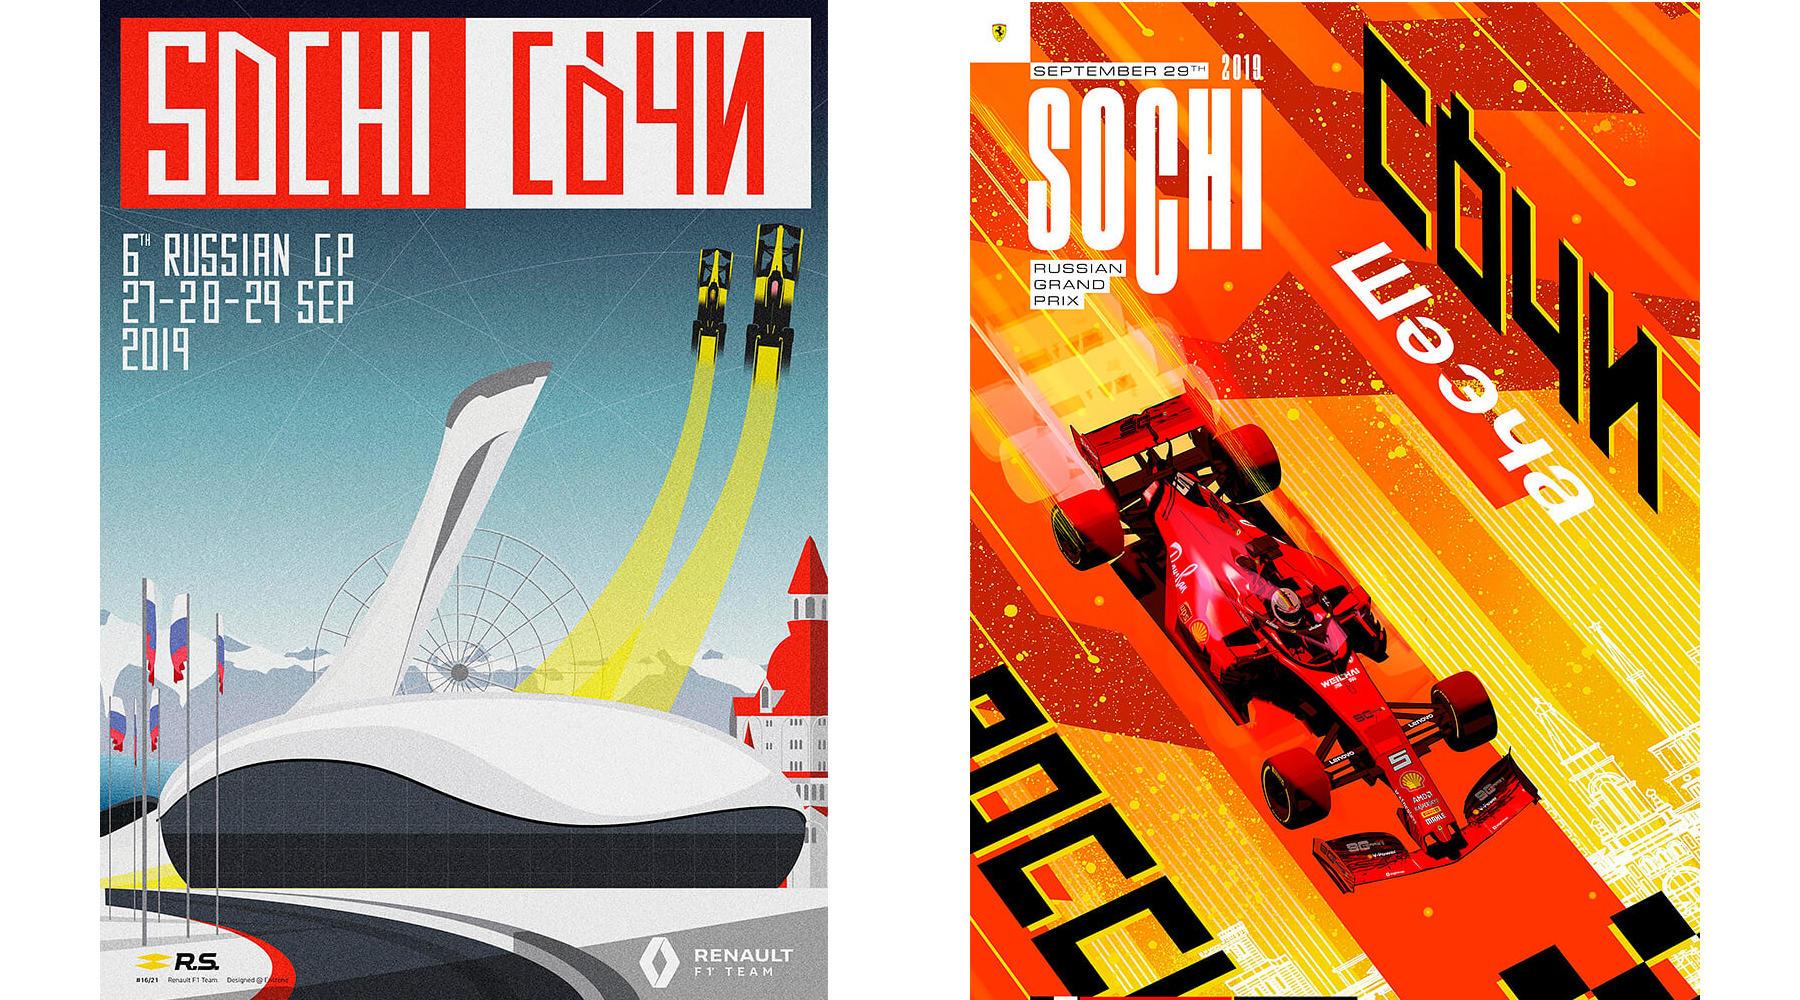 Постеры для Сочи от Renault и Ferrari